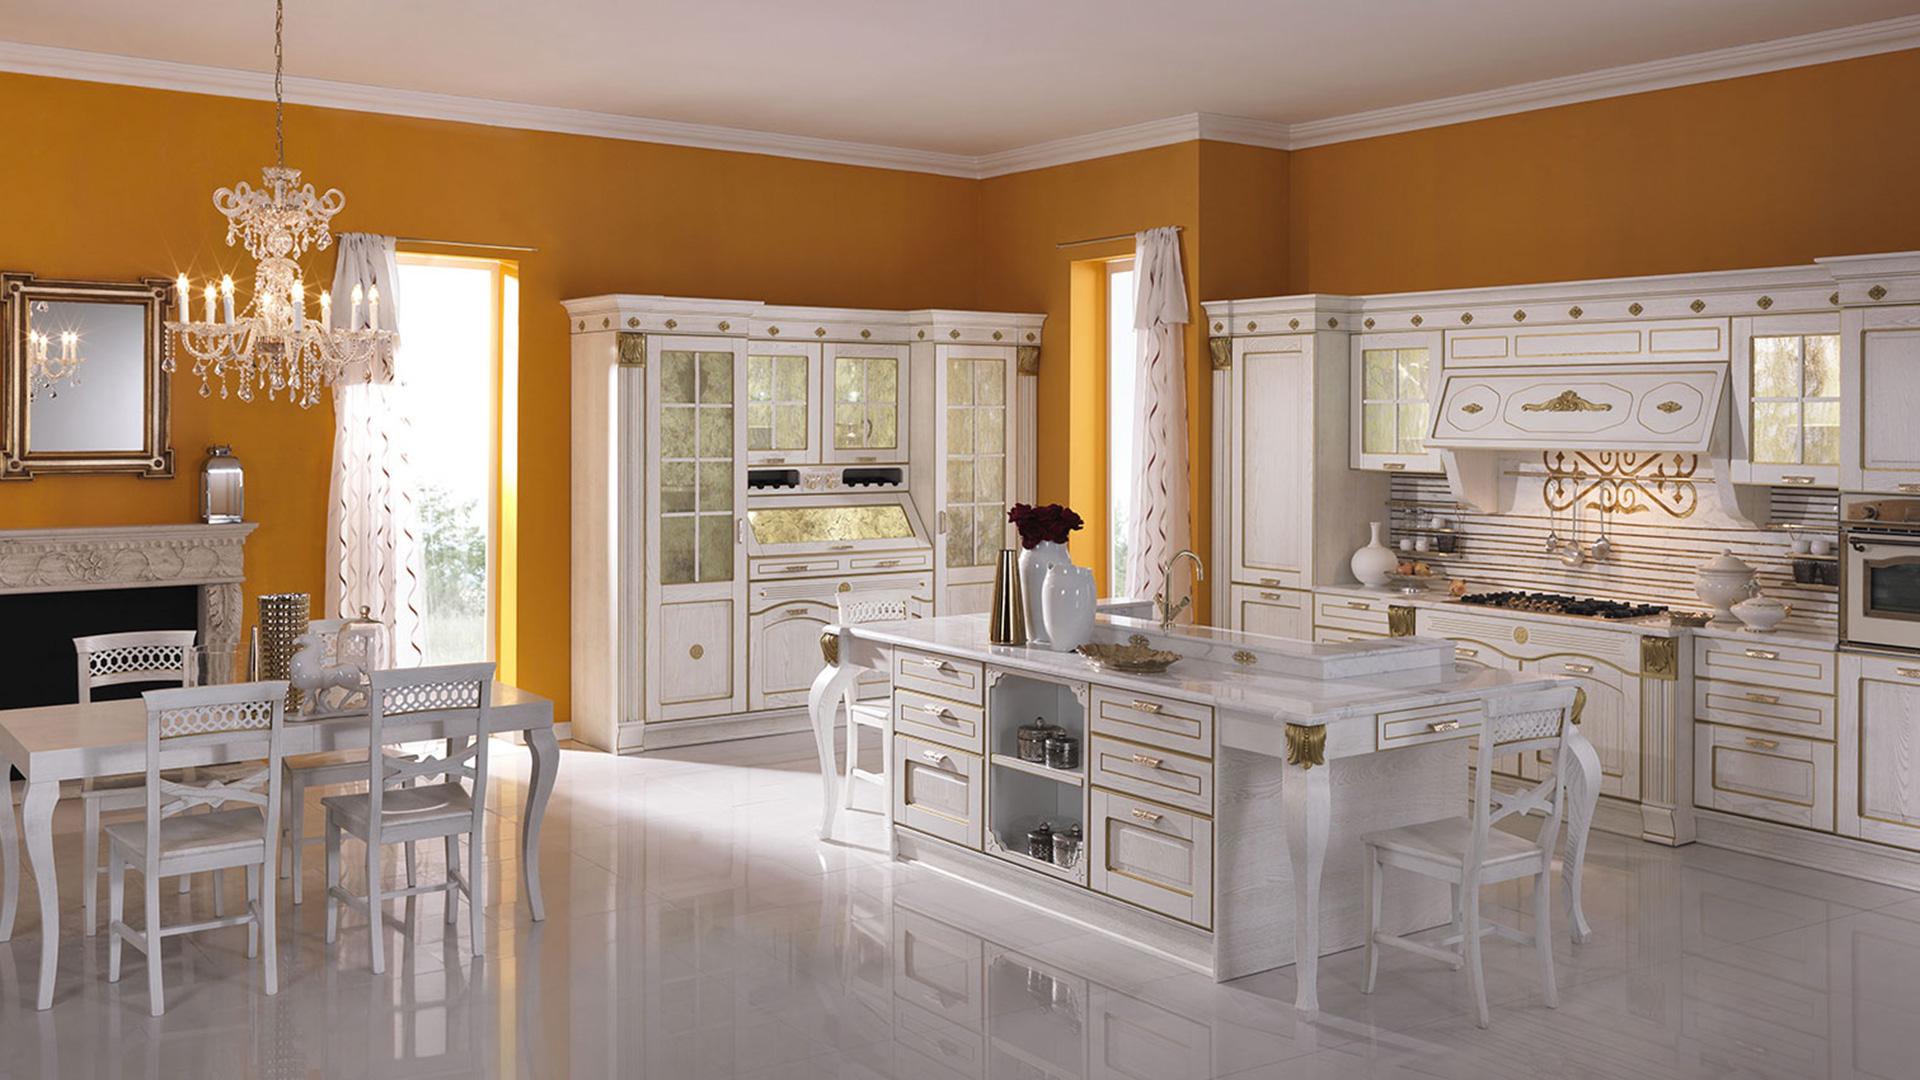 Arredamenti e idee per la casa arredamenti e forniture for Ingresso casa classica